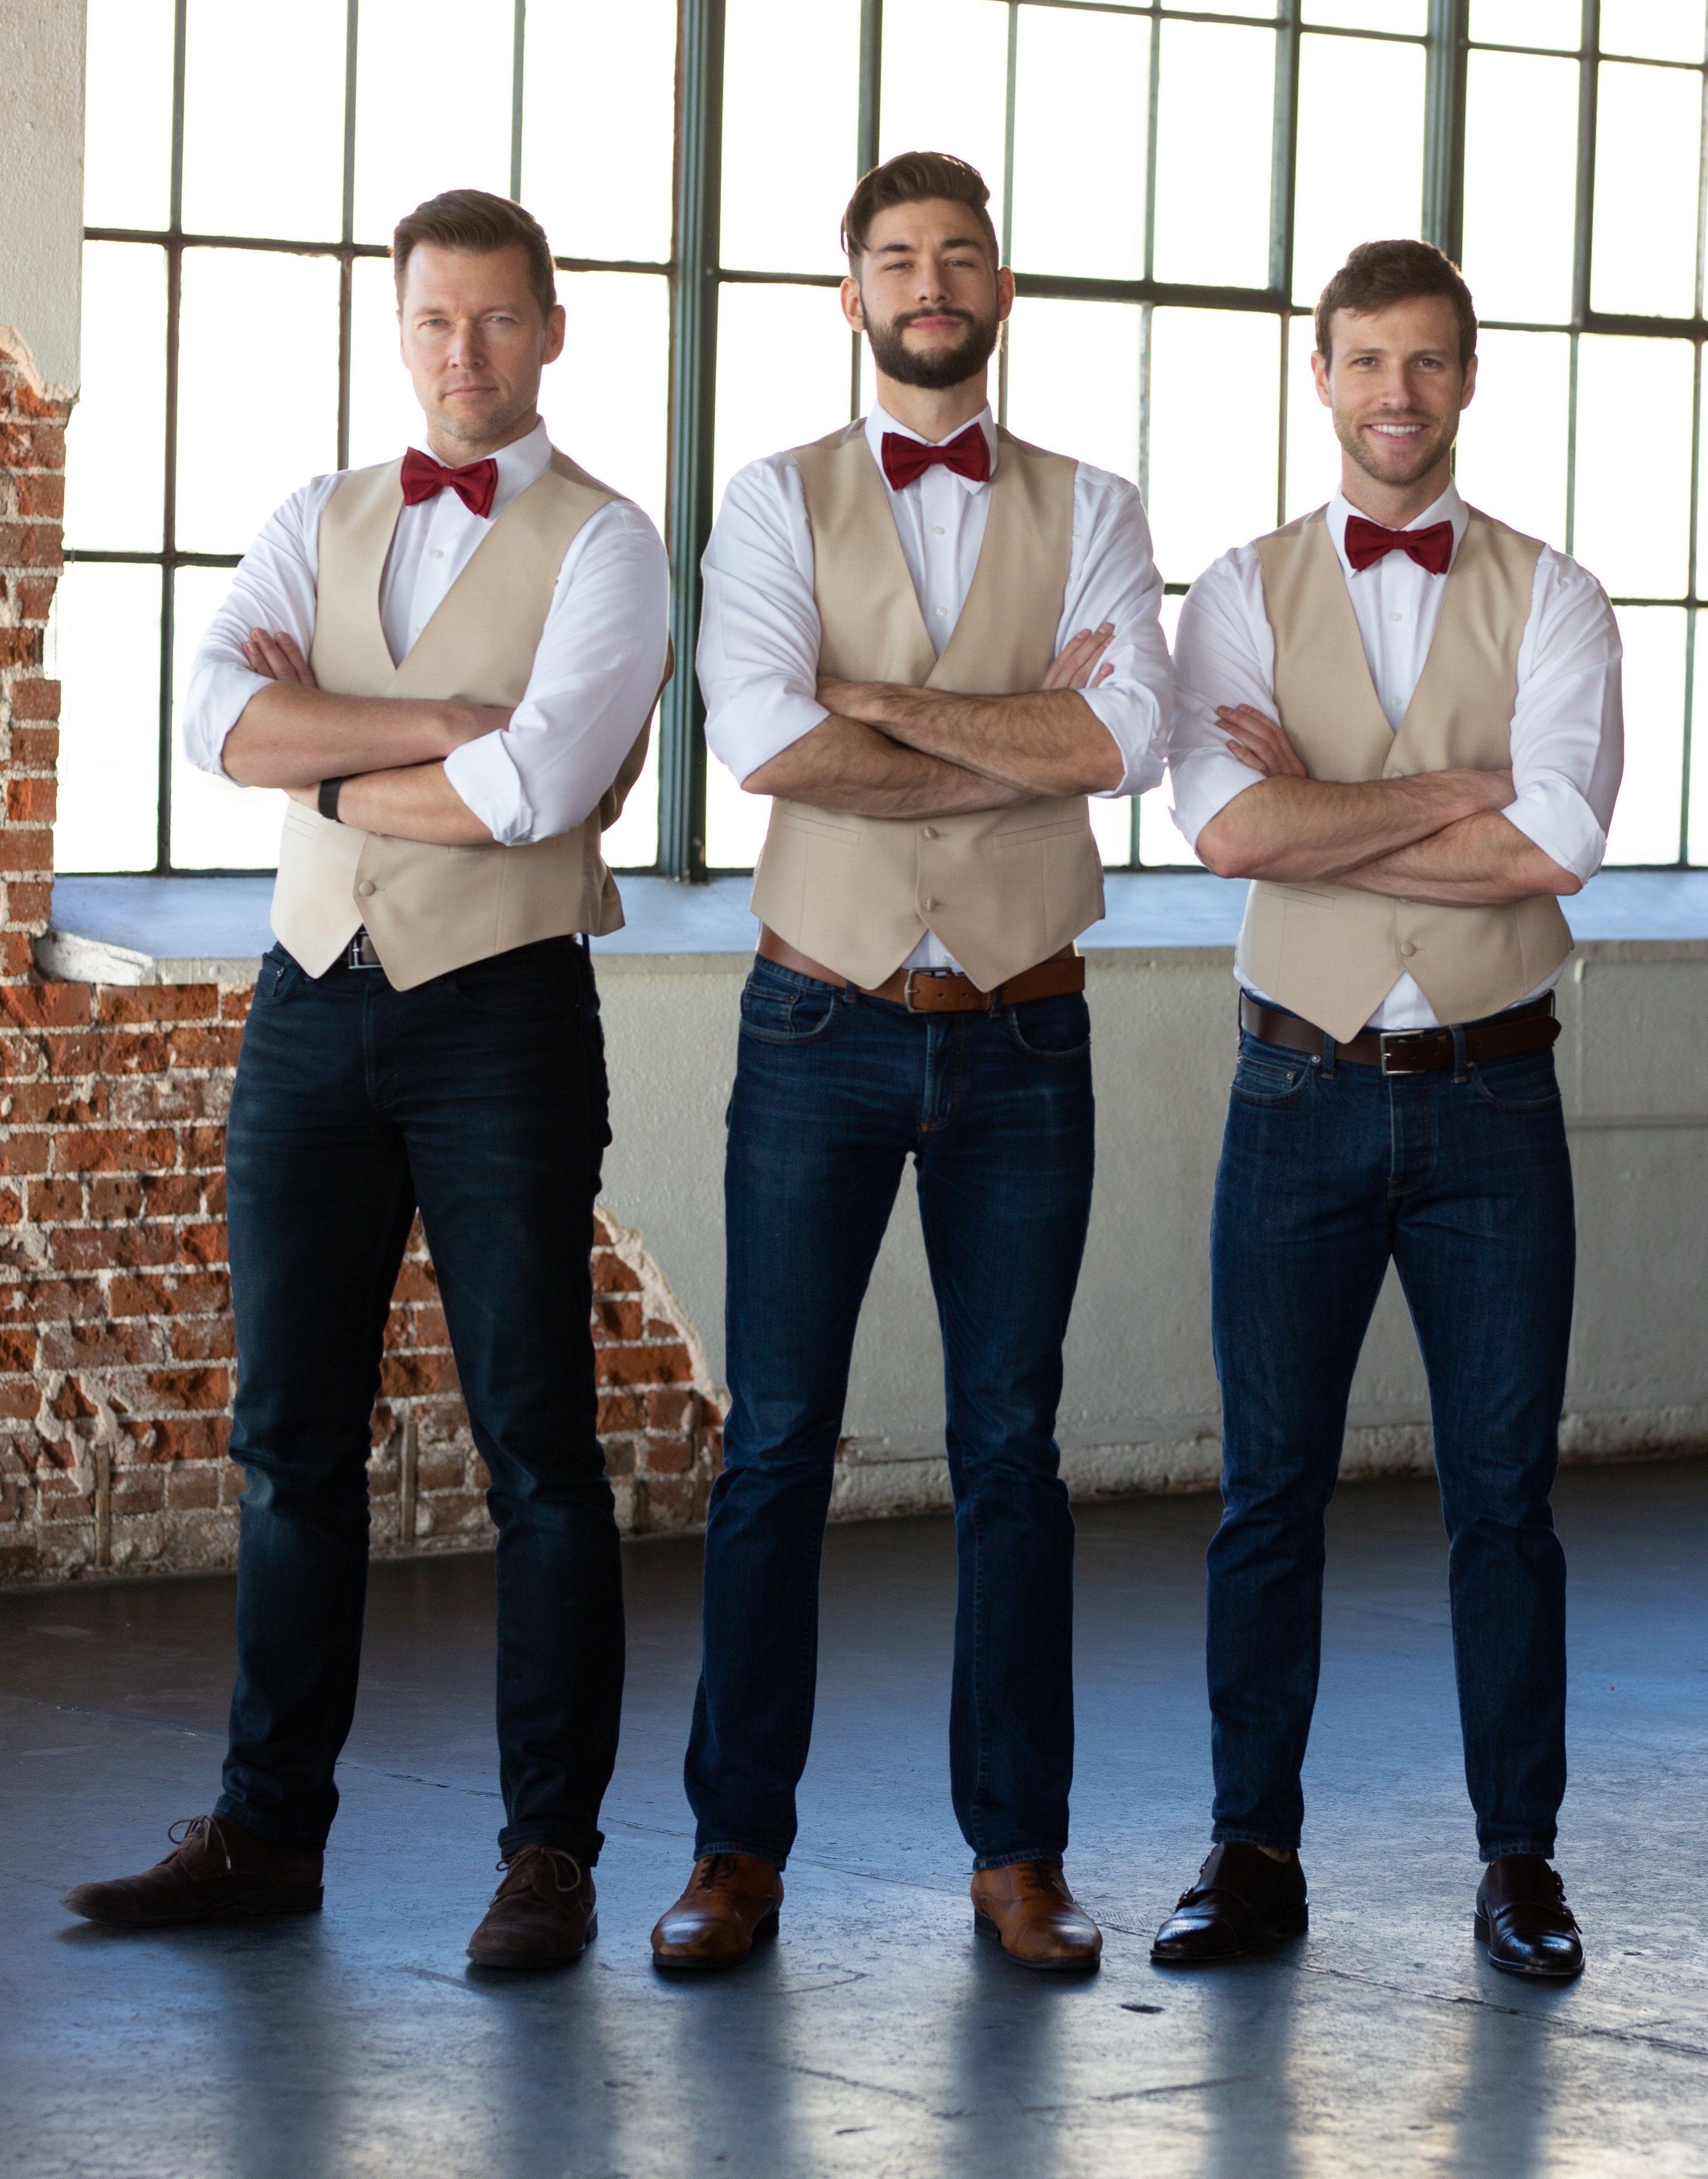 Burgundy bow ties for groom and groomsmen. in 2020